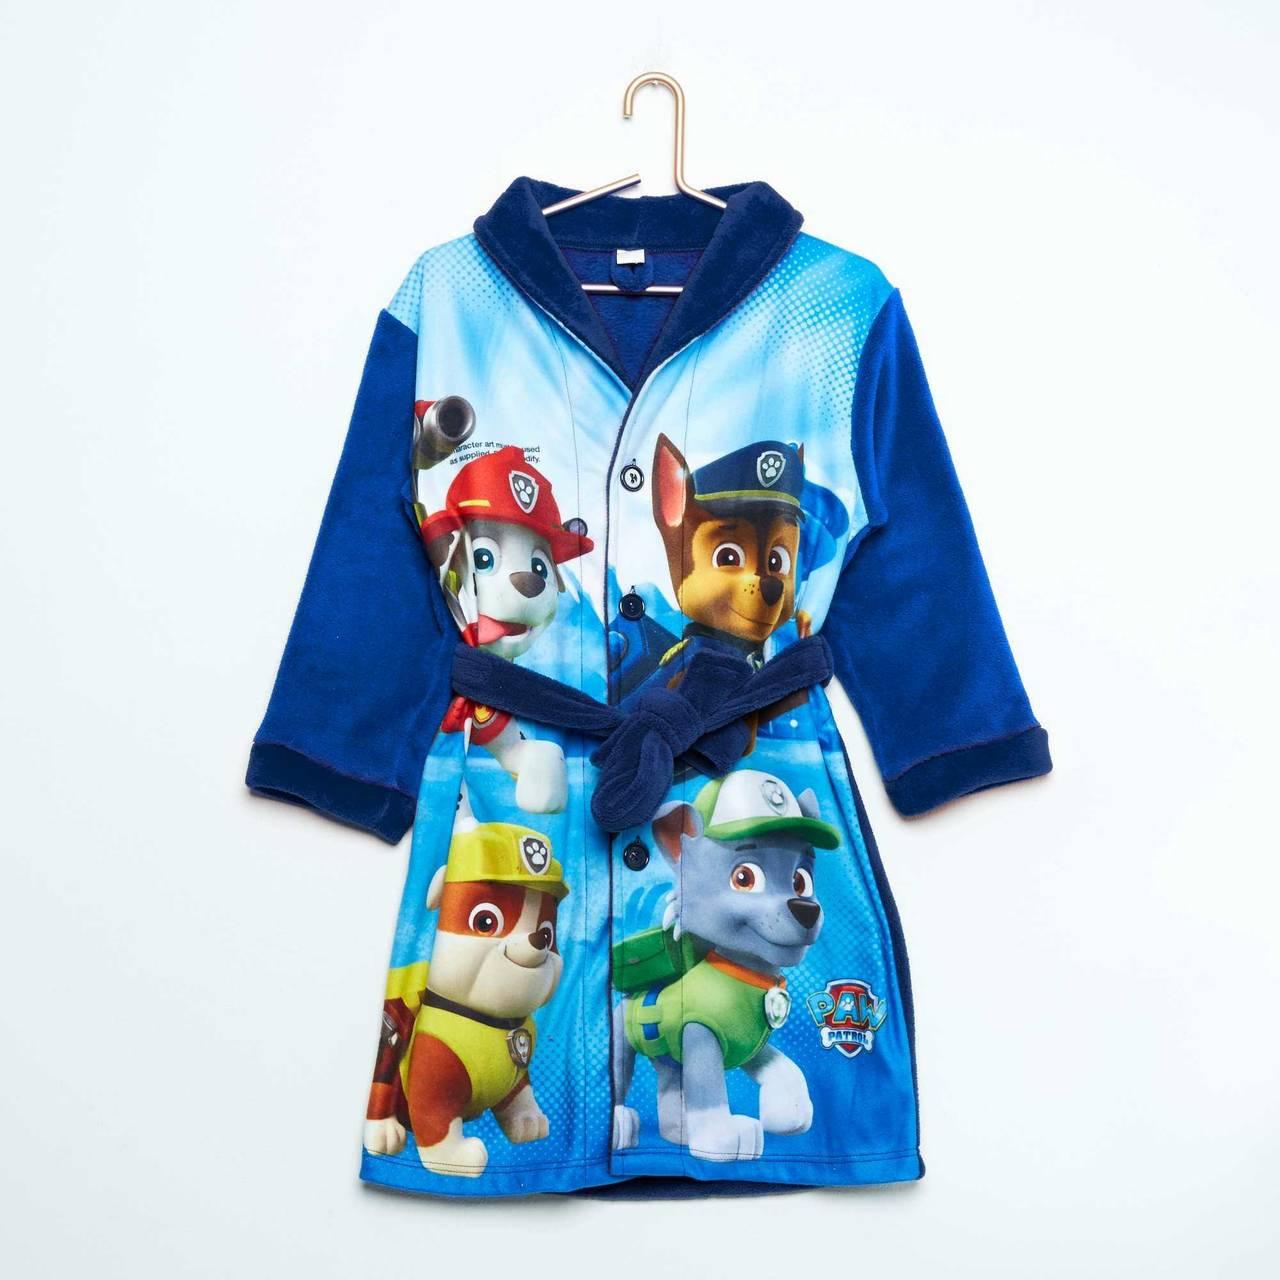 Robe De Chambre Bébé Kiabi - Bébé, Doudou Univers pour Robe De Chambre Garçon 12 Ans